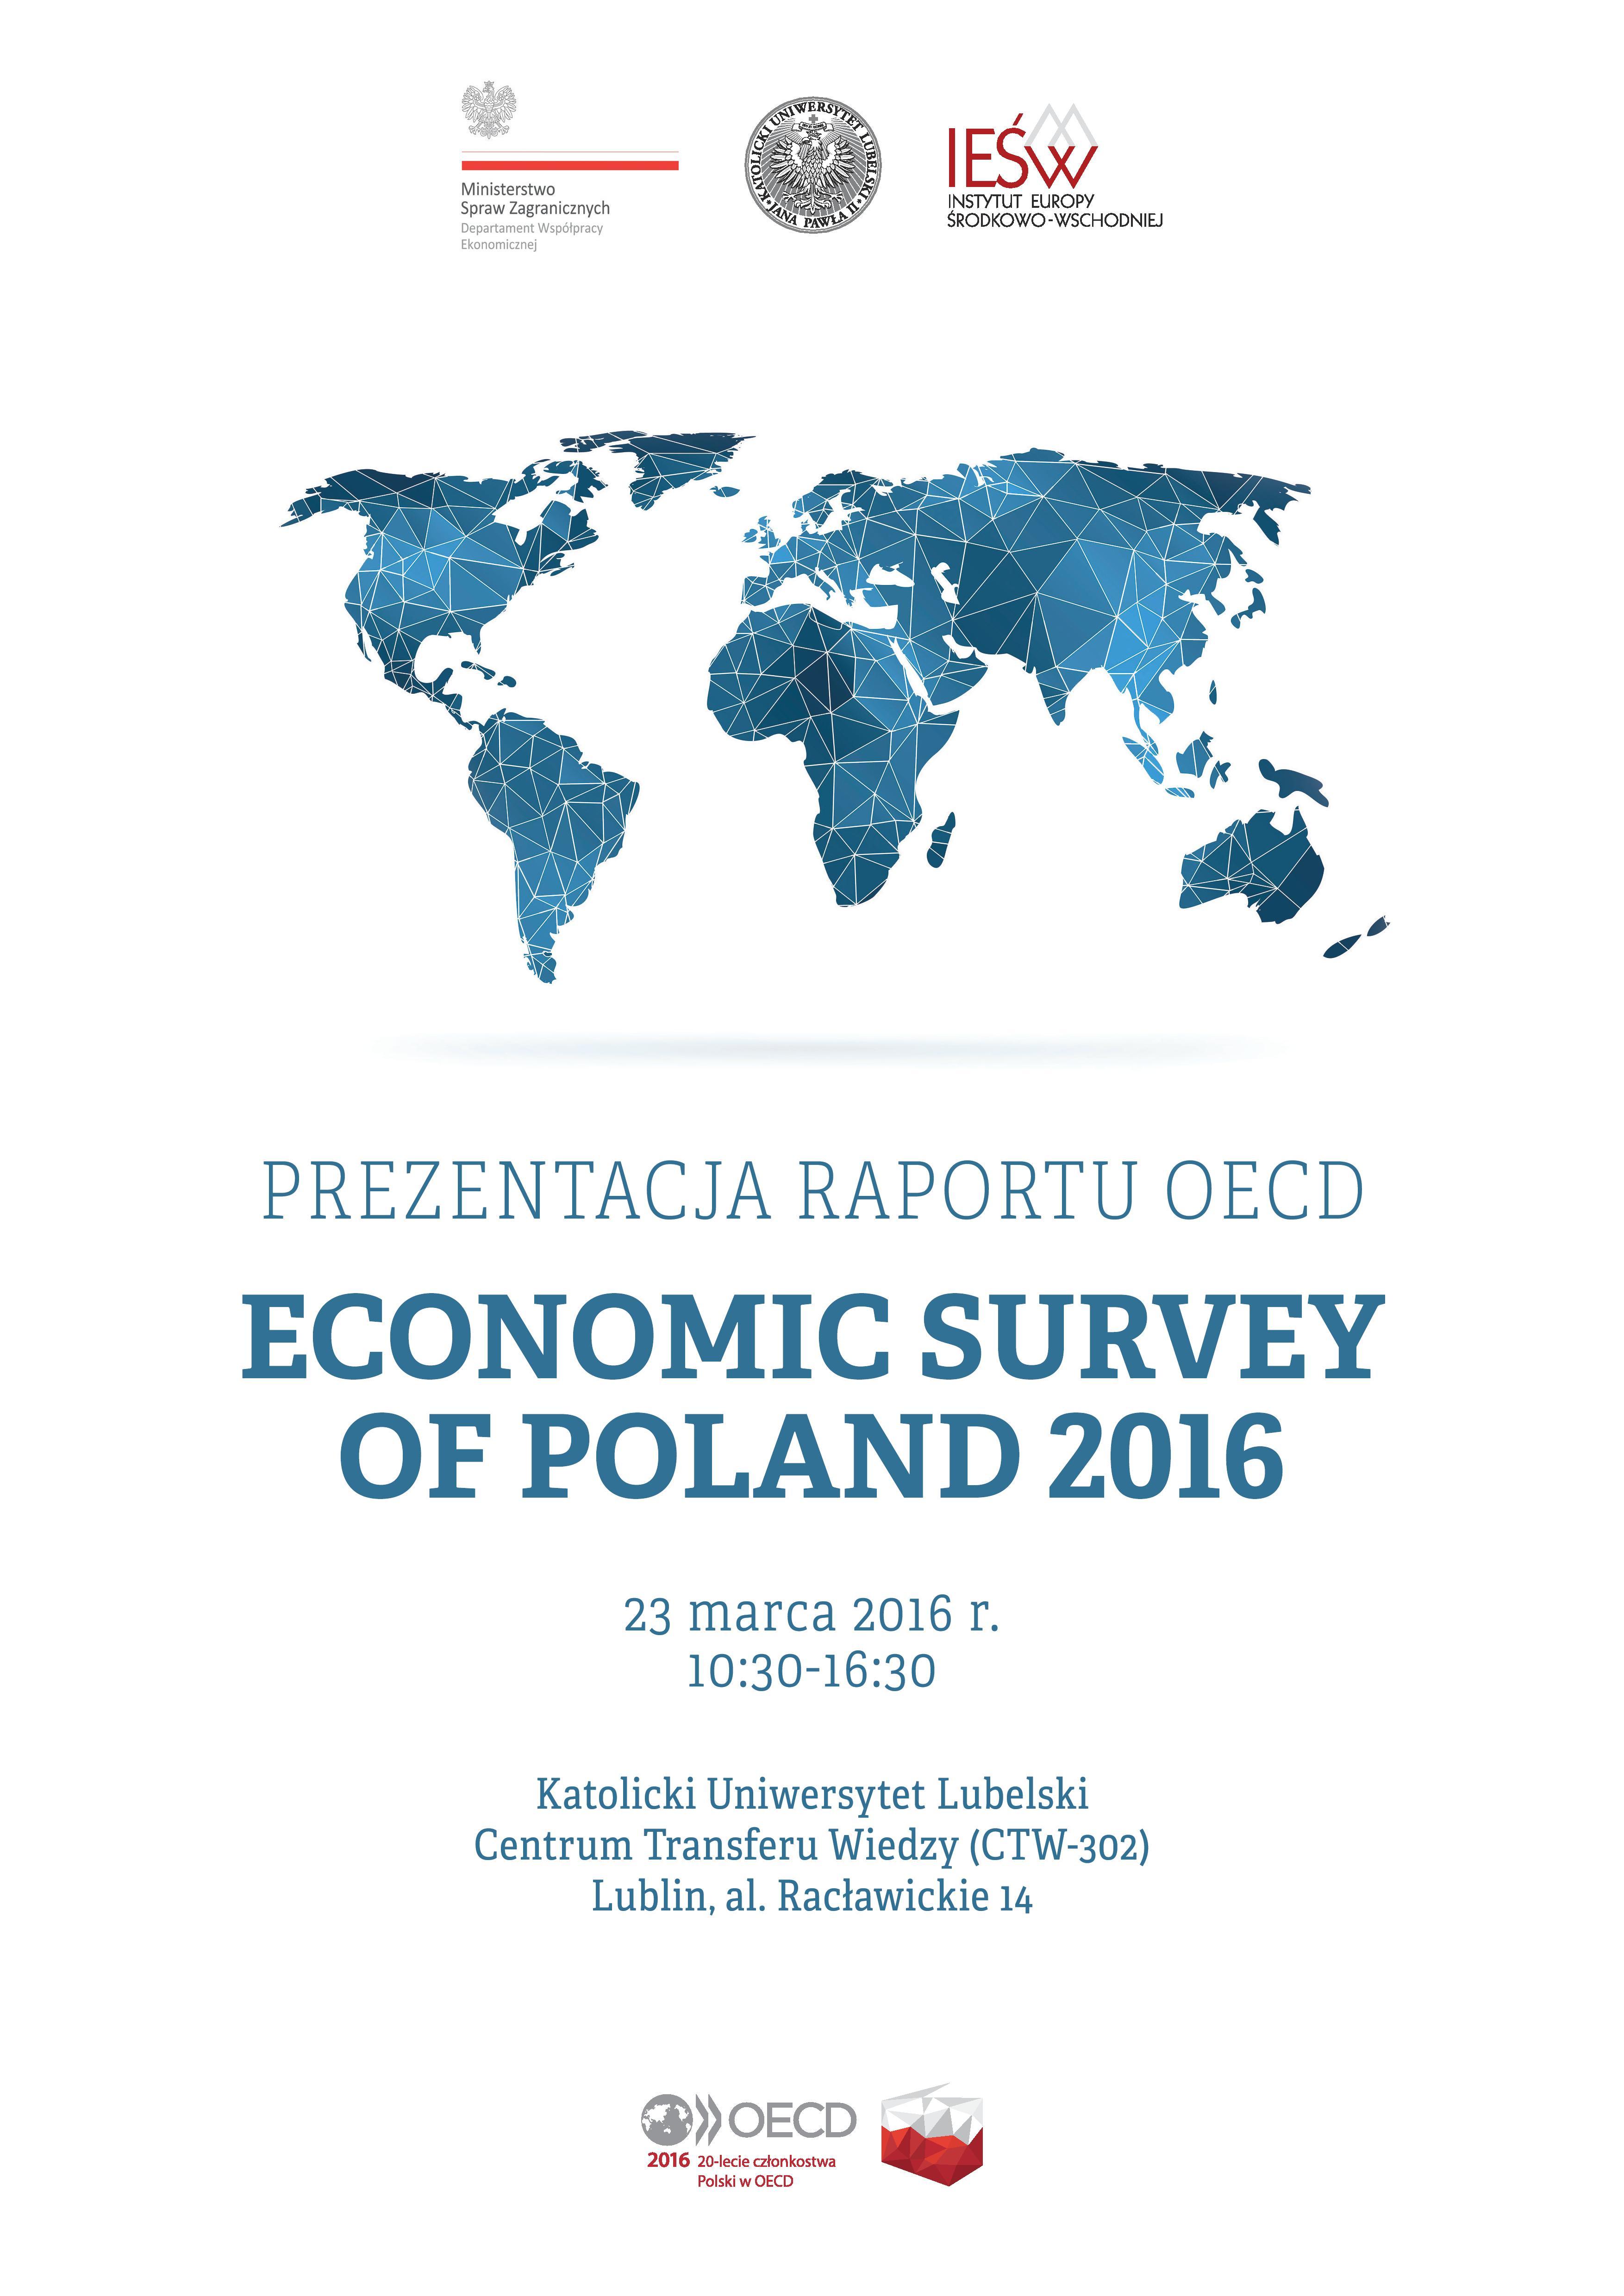 http://www.kul.pl/files/1458/plakat_OECD_01_popr-page-001.jpg